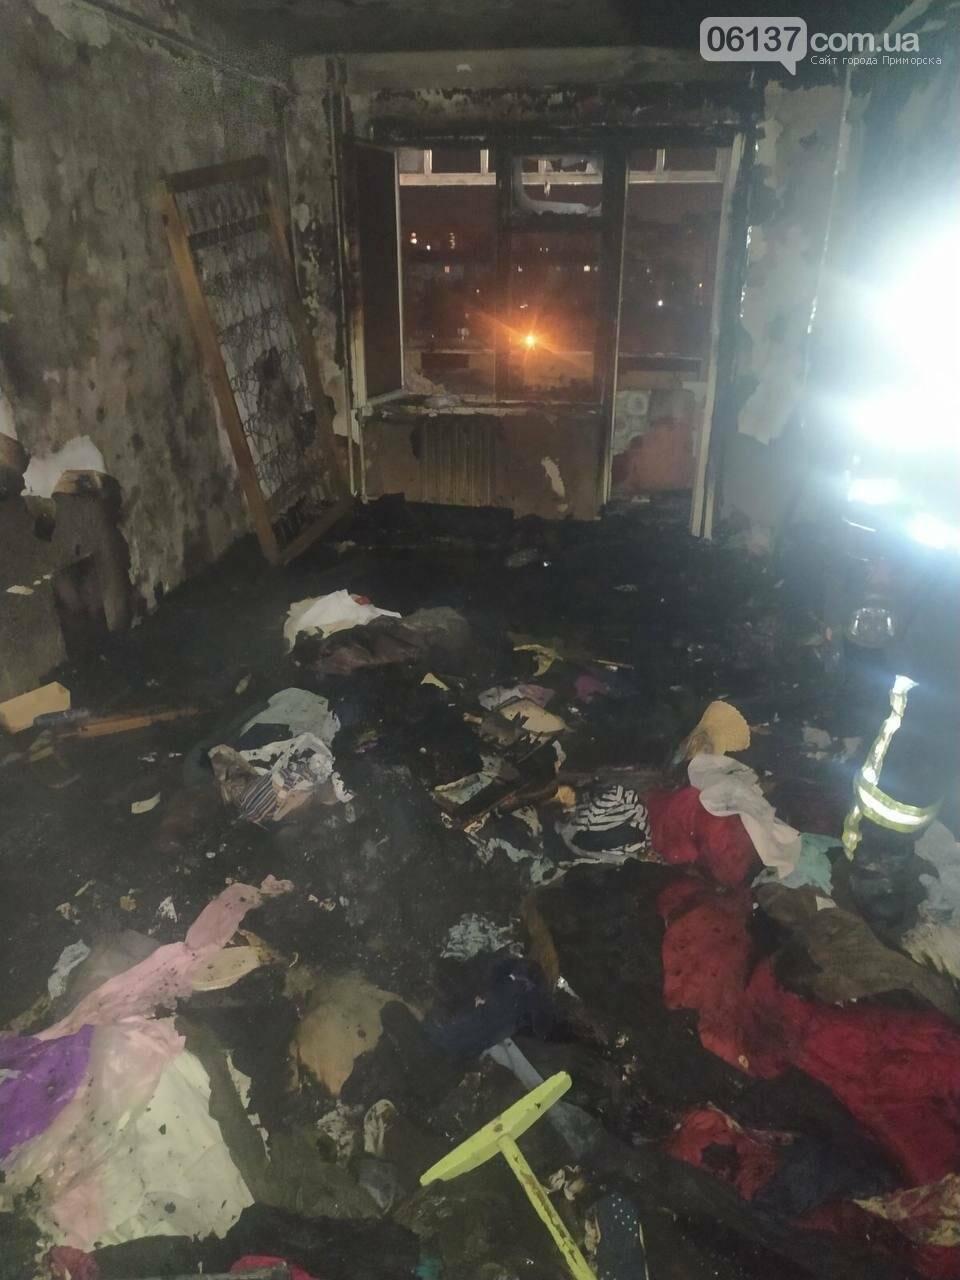 В Запорожье горела девятиэтажка: пострадали люди, фото-1